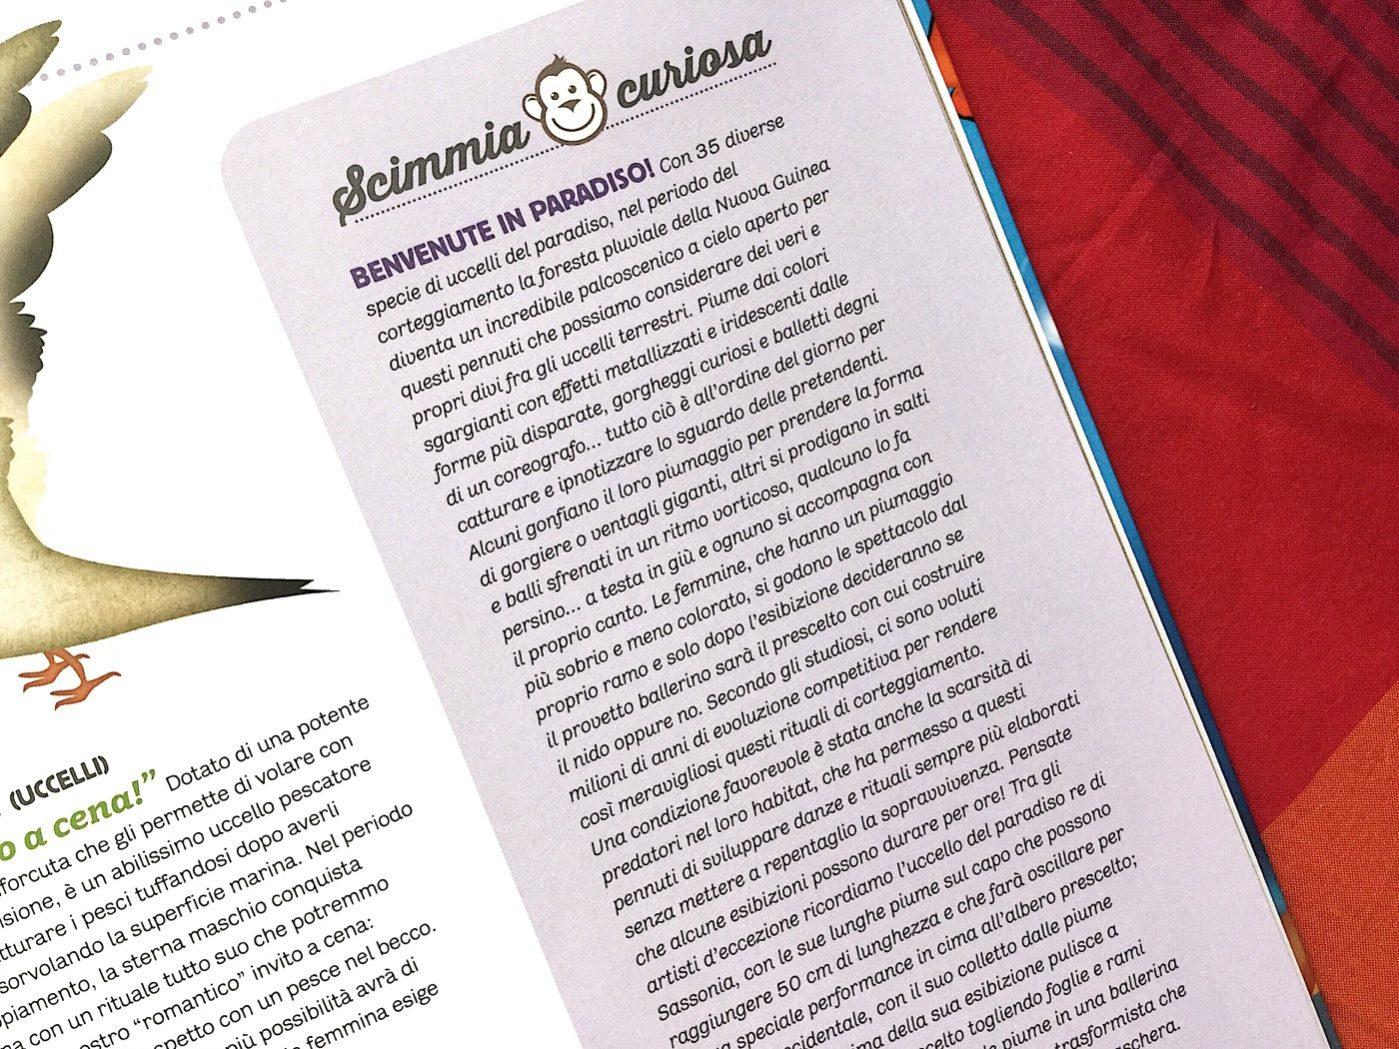 Storie-bestiali-Piero-Genovesi-Sandro-Natalini-Editoriale-Scienza-Galline-Volanti